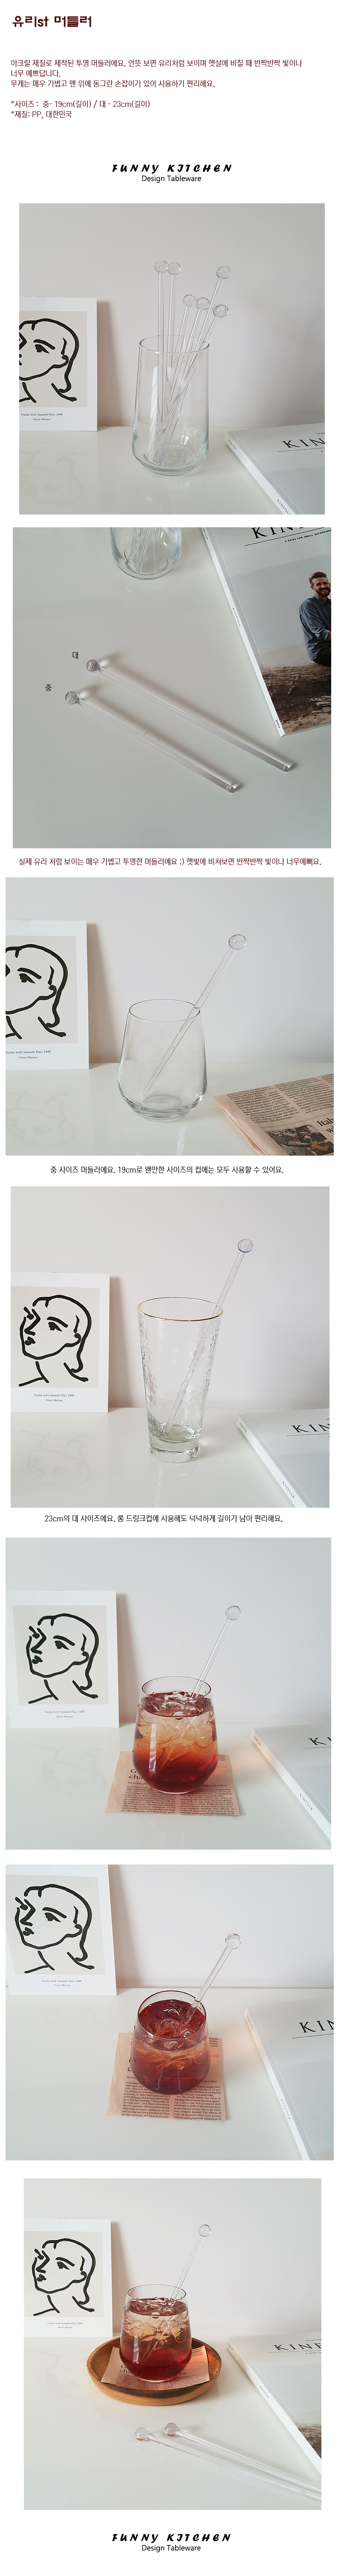 유리머들러 커피스틱 - 퍼니키친, 2,200원, 숟가락/젓가락/스틱, 머들러/스틱